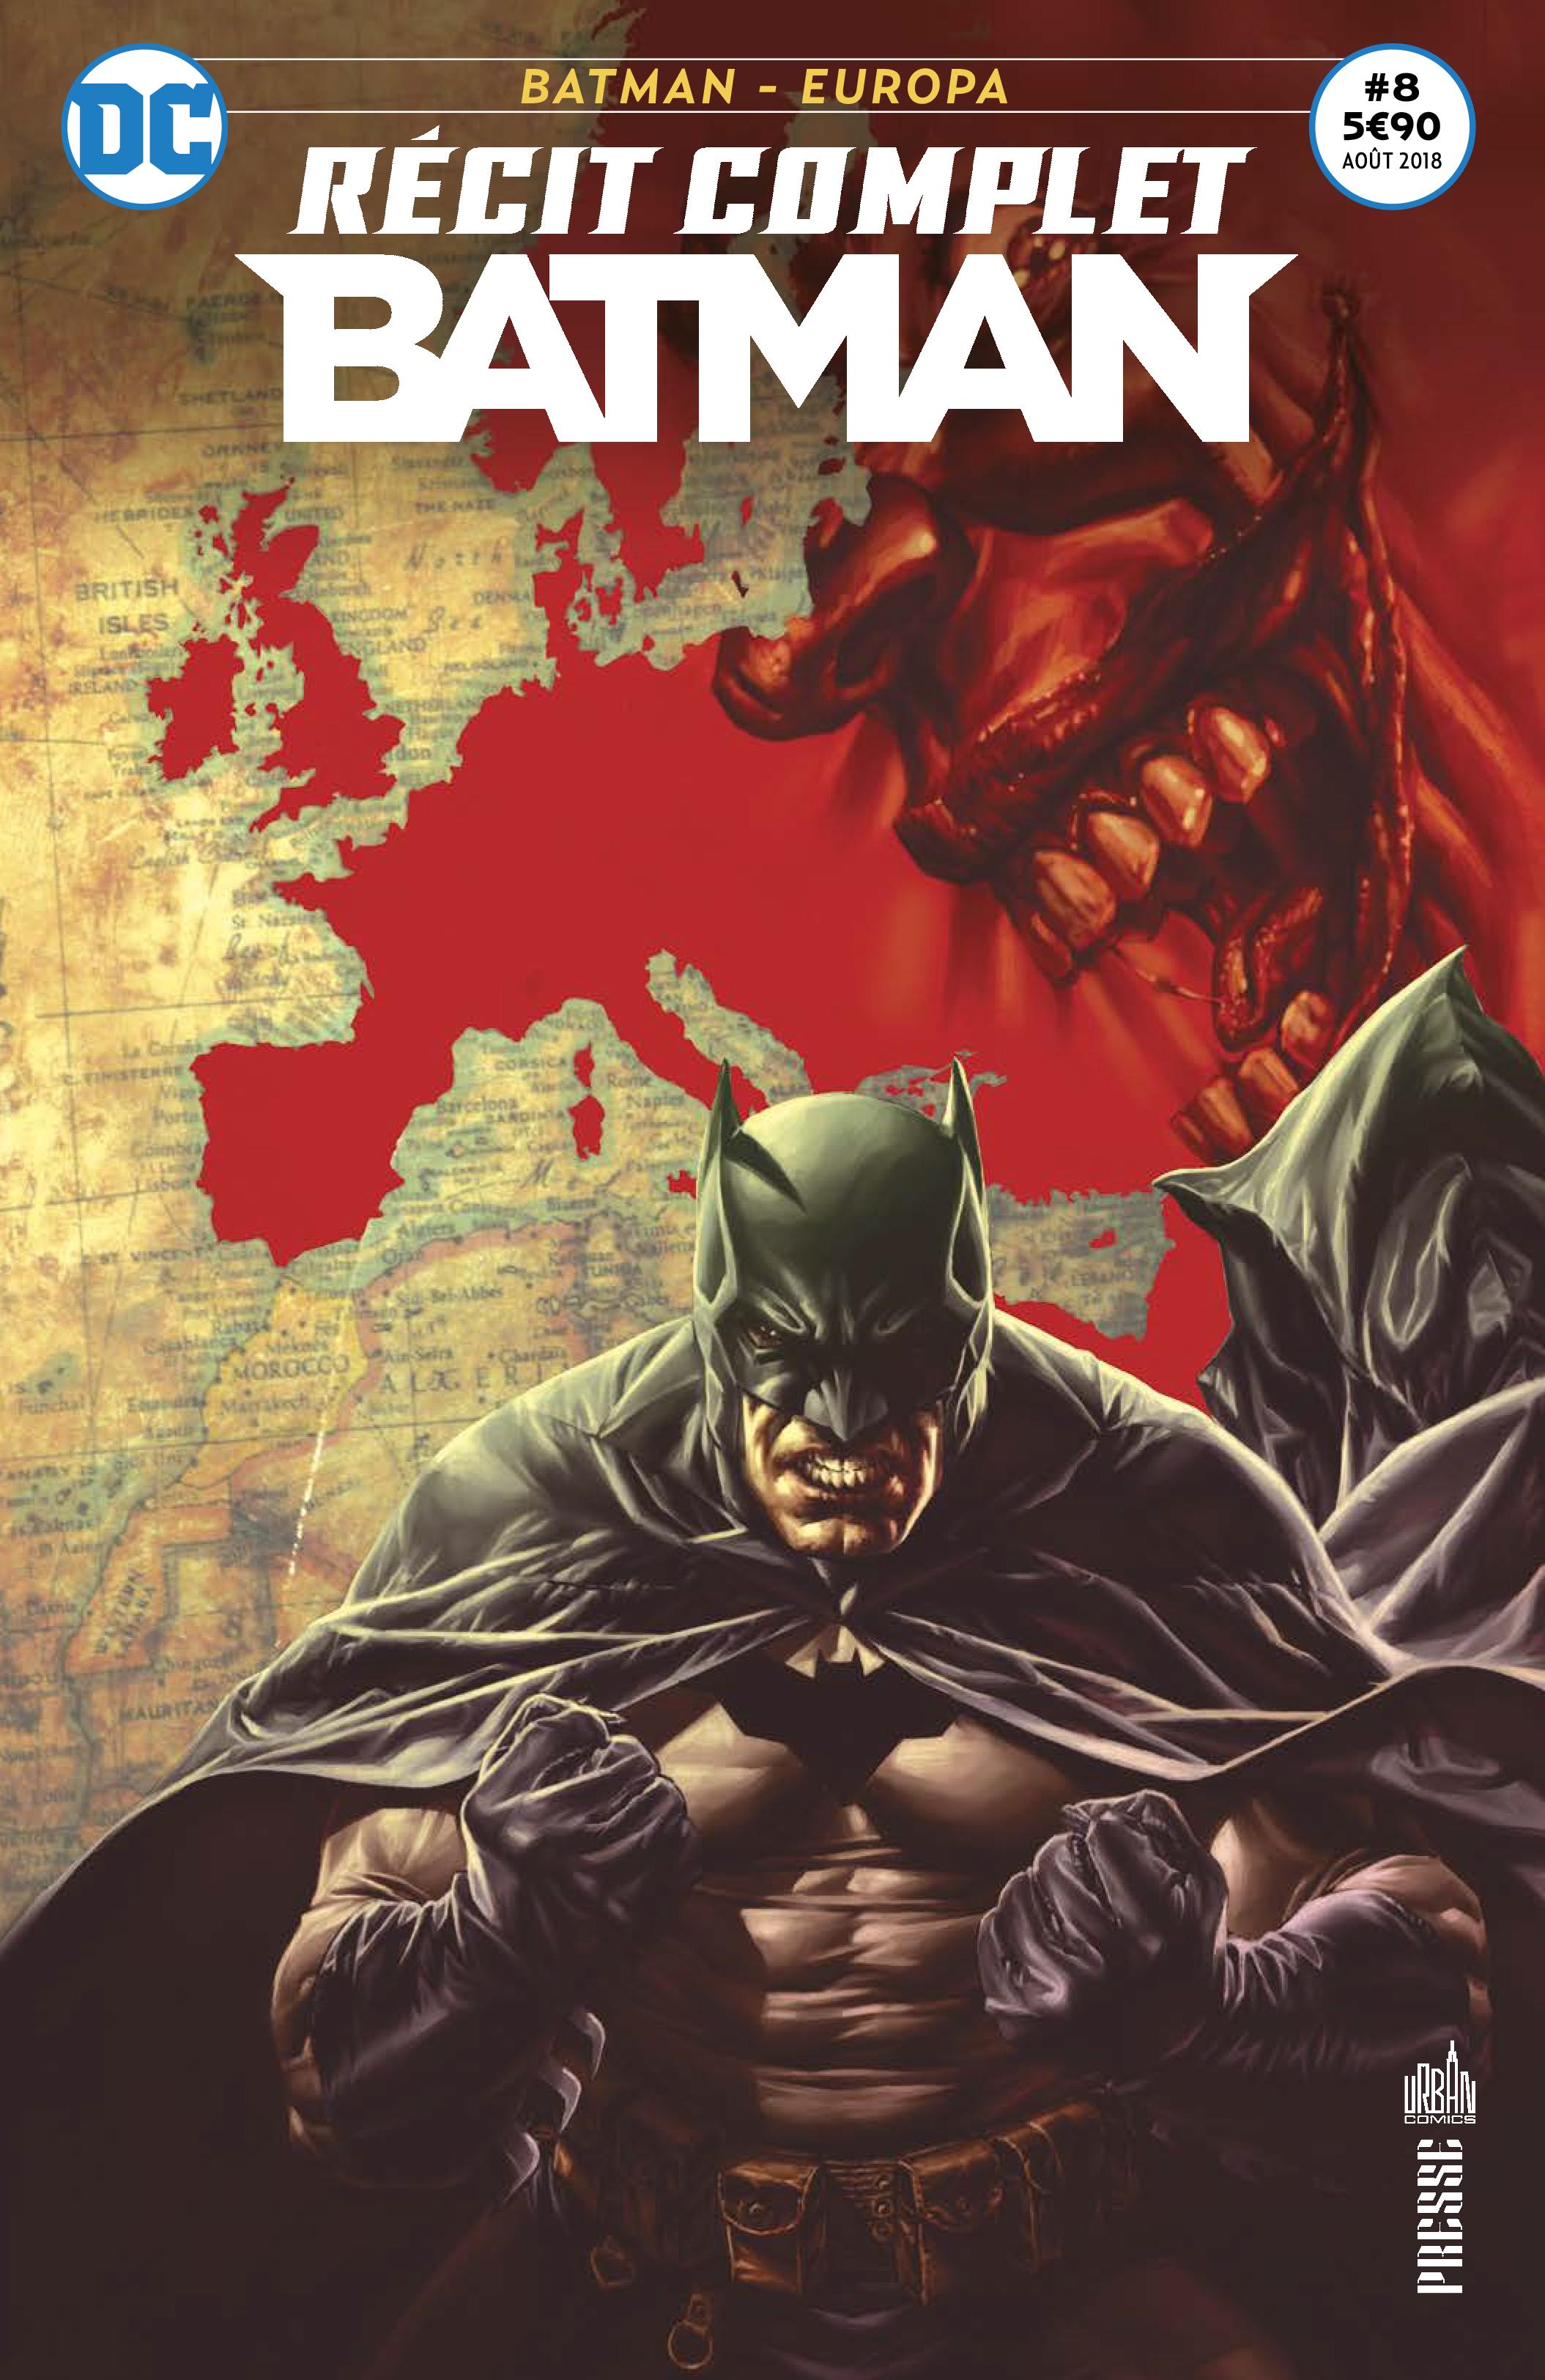 Récit Complet Batman 8 - Europa